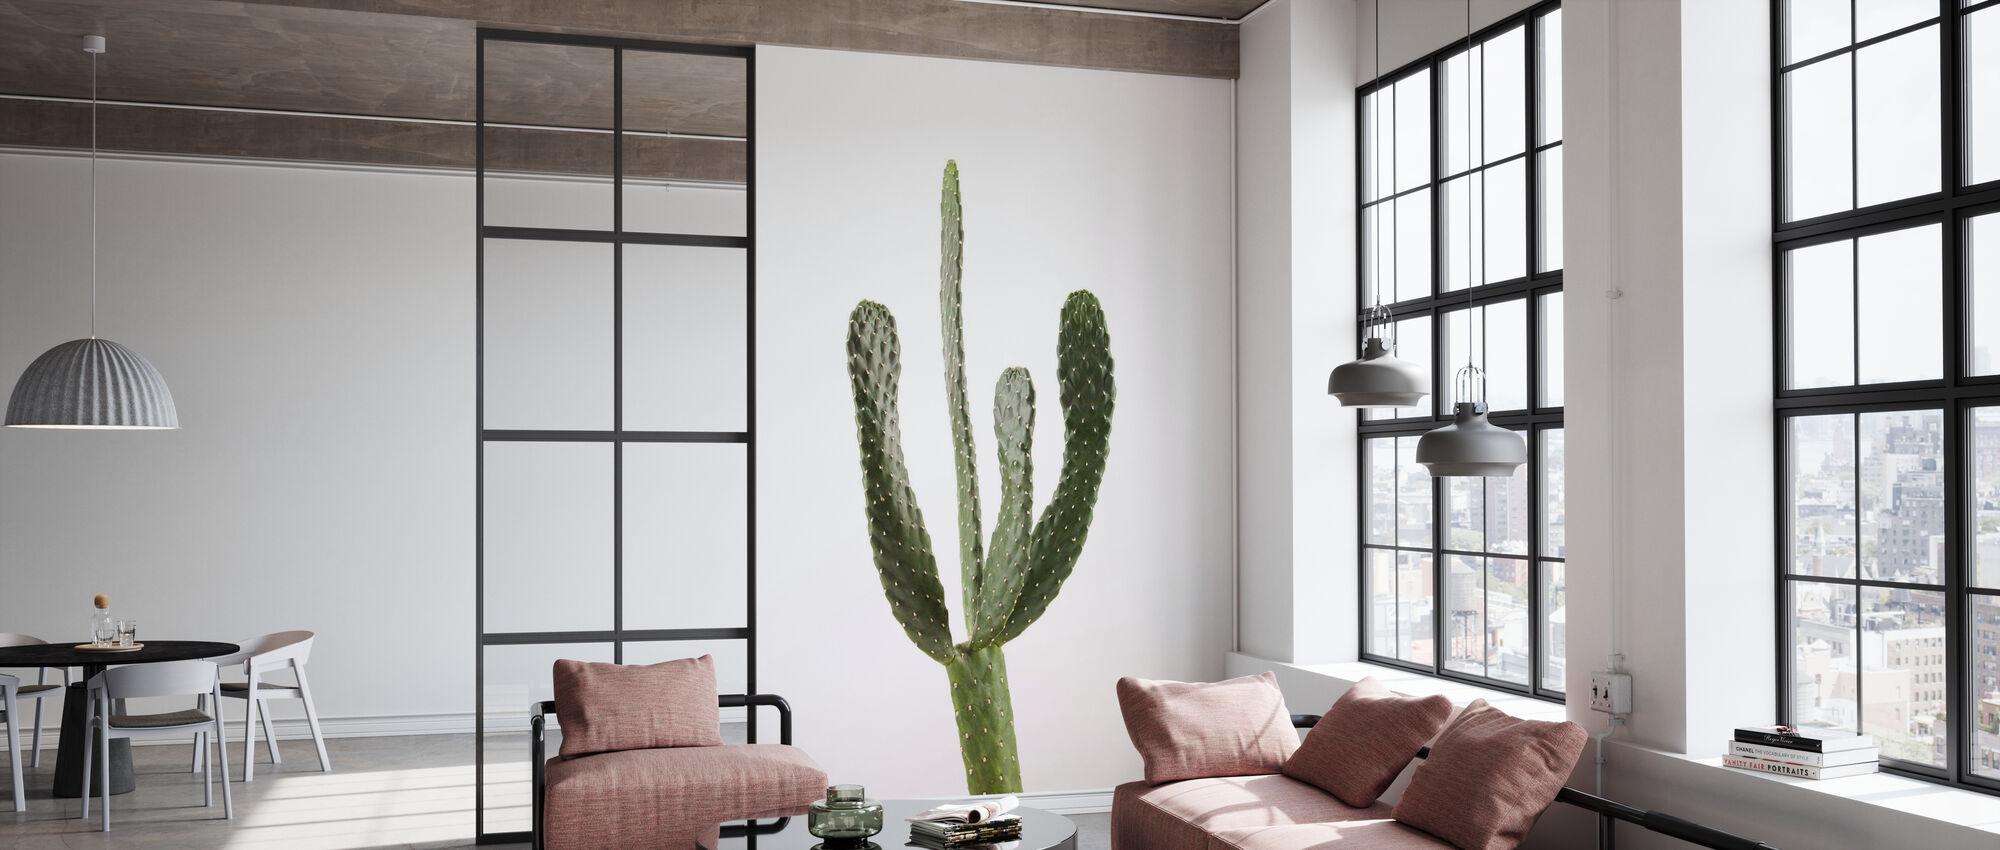 Cacti - White - Wallpaper - Office